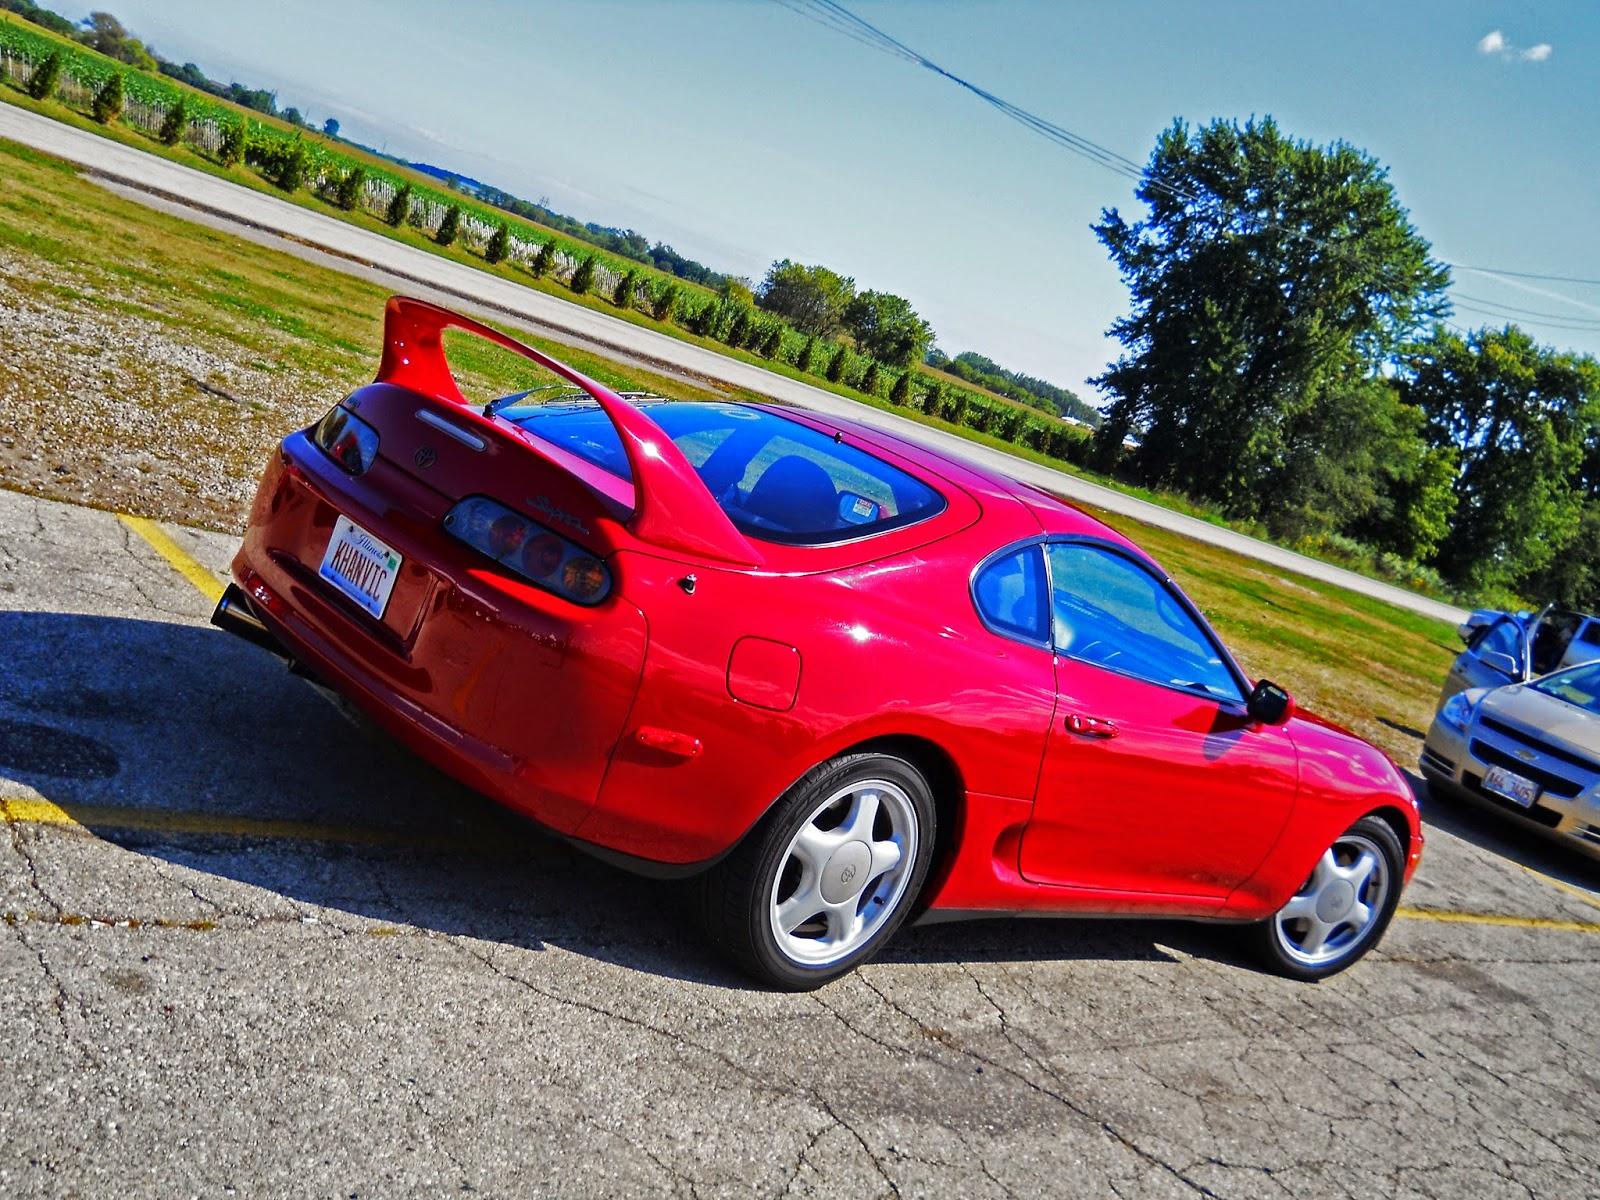 Supra rear Cortemotor